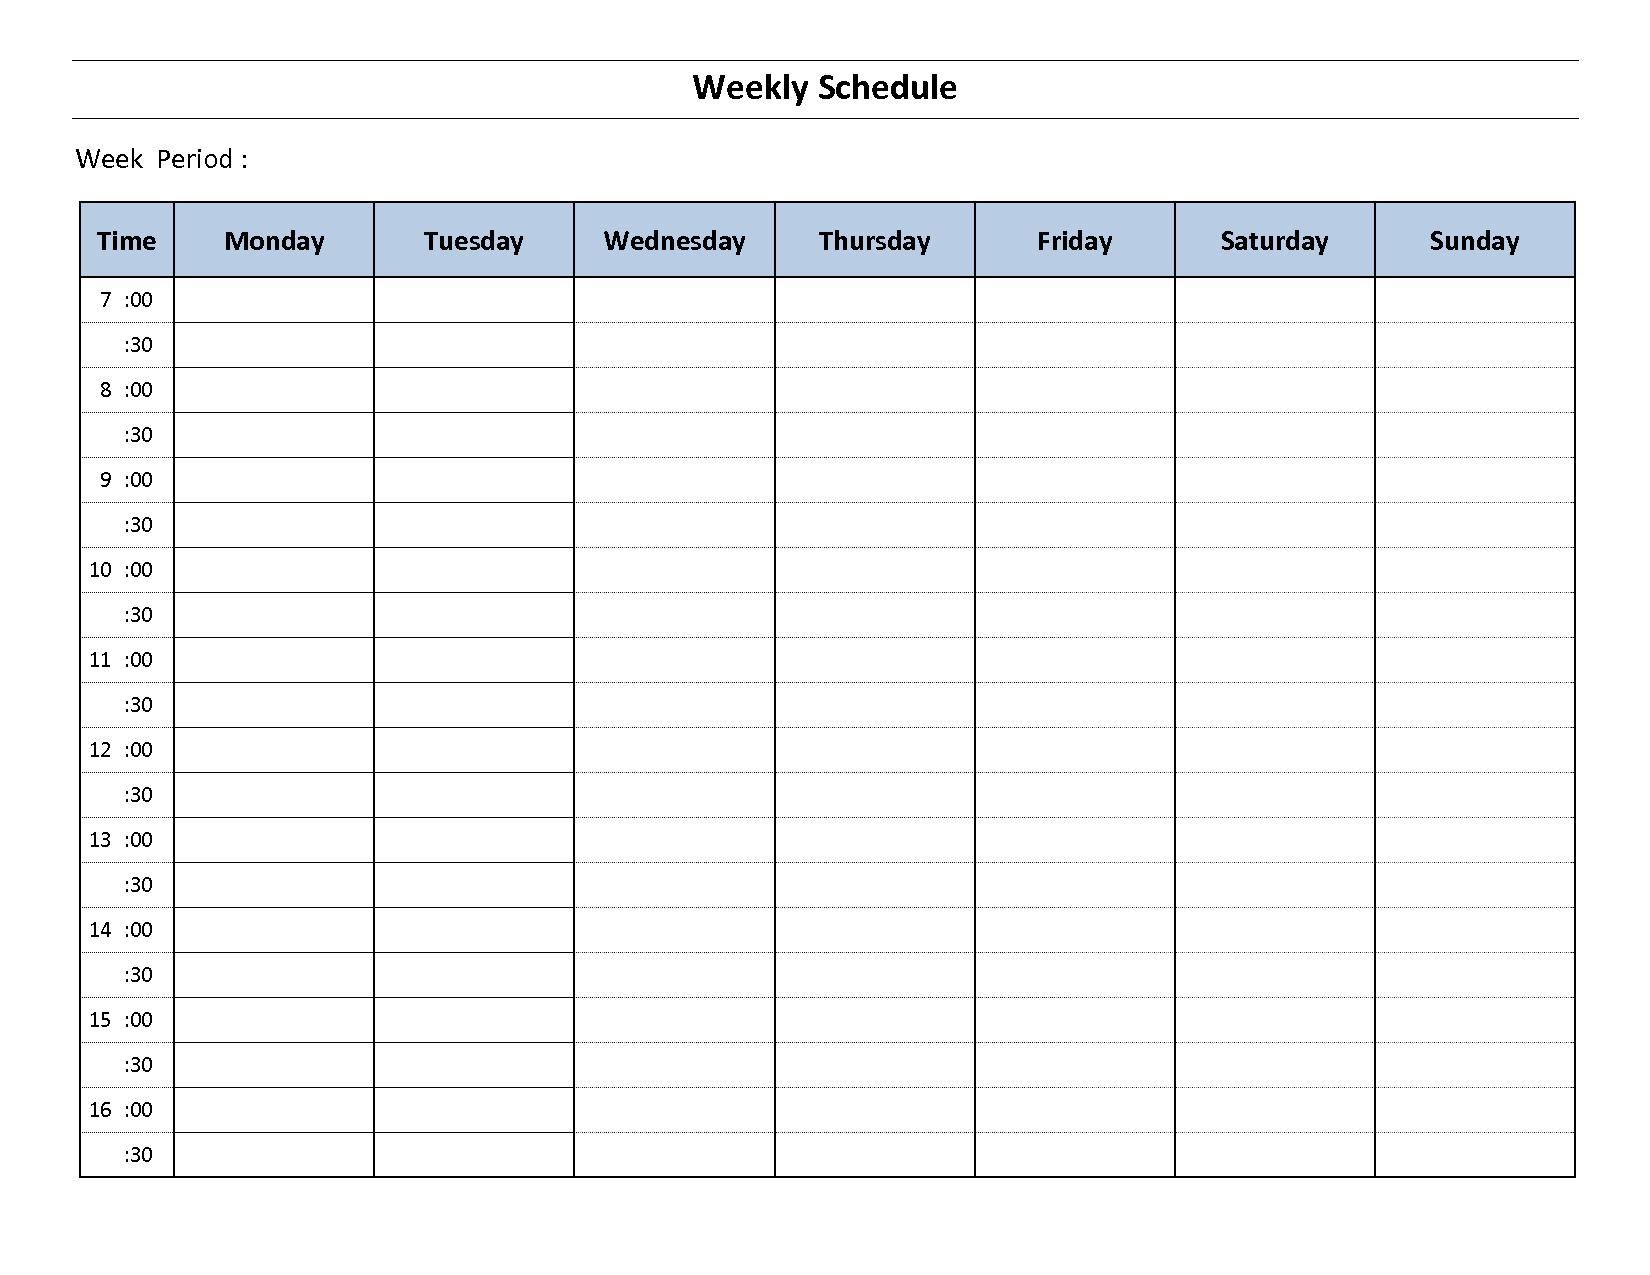 Weekly Hourly Planner E Word Beautiful Schedule Pdf Blank Calendar - Free Printable Blank Weekly Schedule